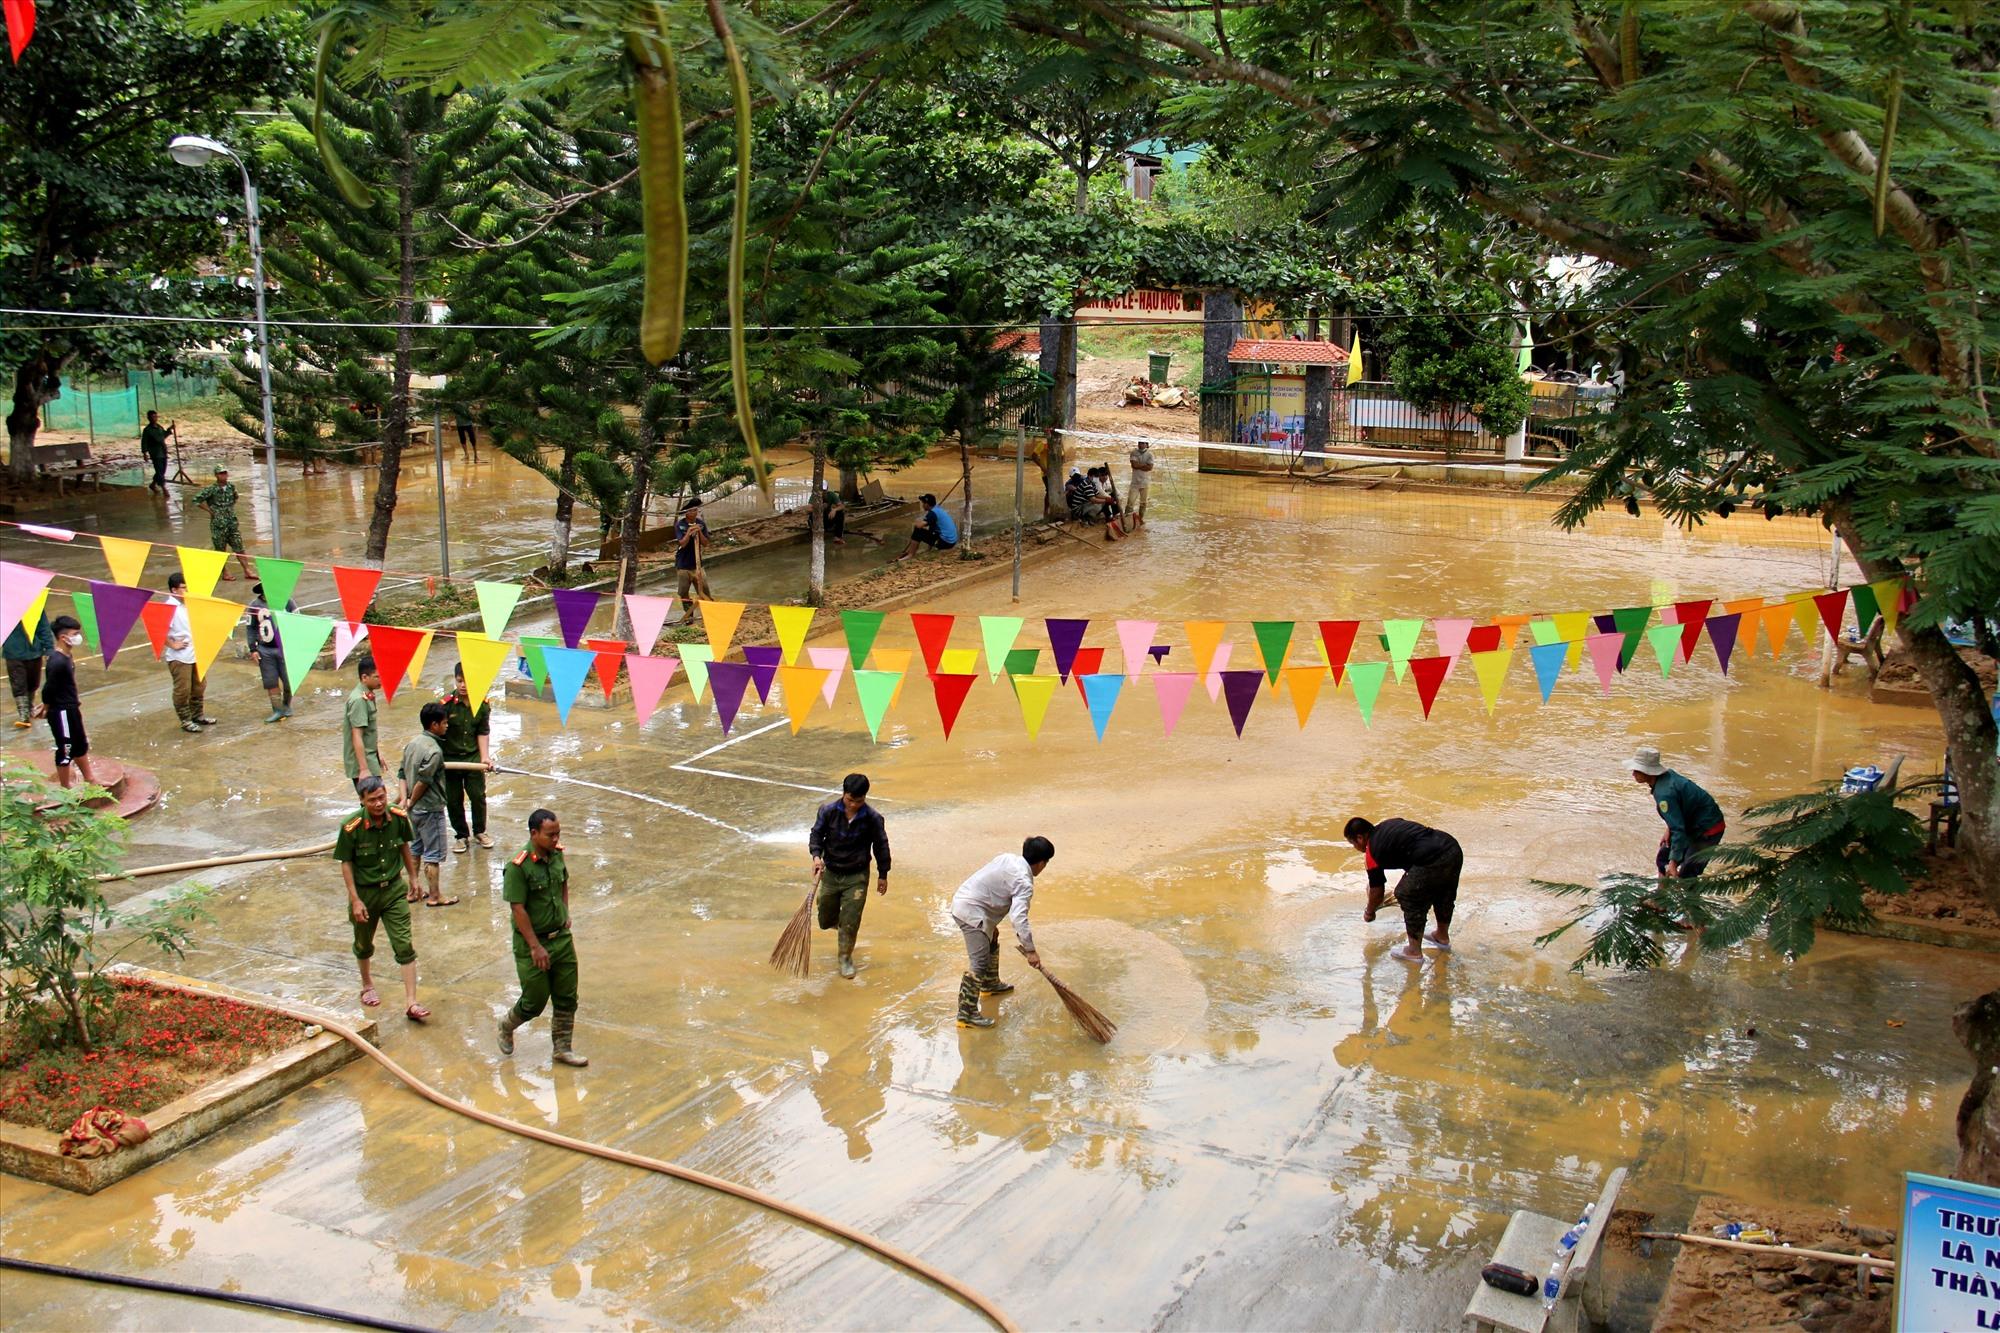 Các lực lượng công an, biên phòng và người dân Tây Giang cùng chung tay khắc phục hậu quả lũ lụt. Ảnh: A.N